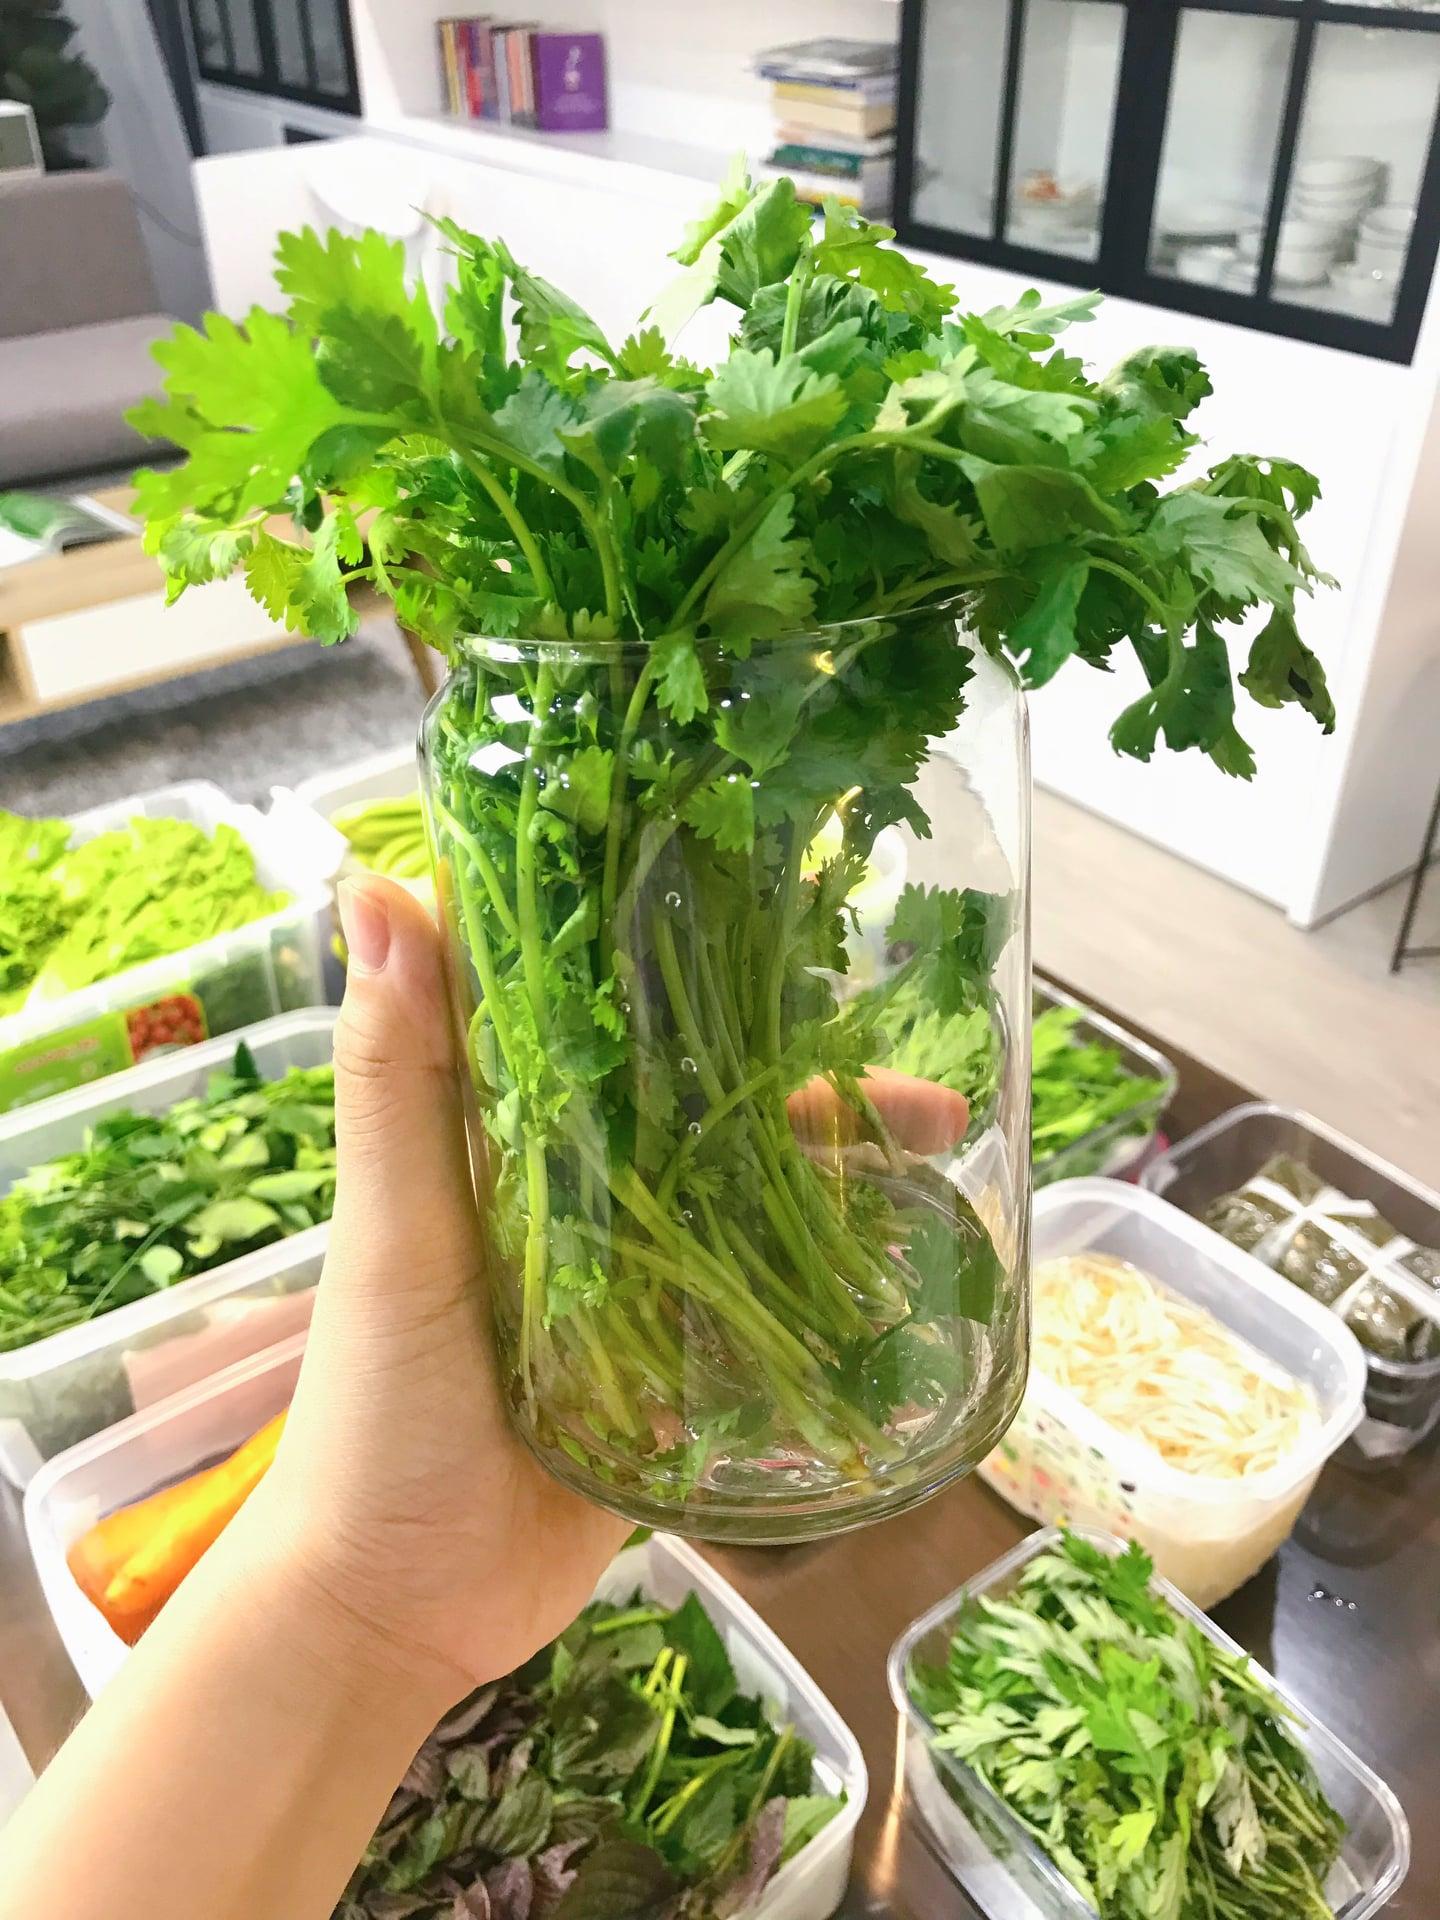 Gái đảm Sài Gòn bảo quản 11 loại thực phẩm tươi cả tuần mùa dịch - 11